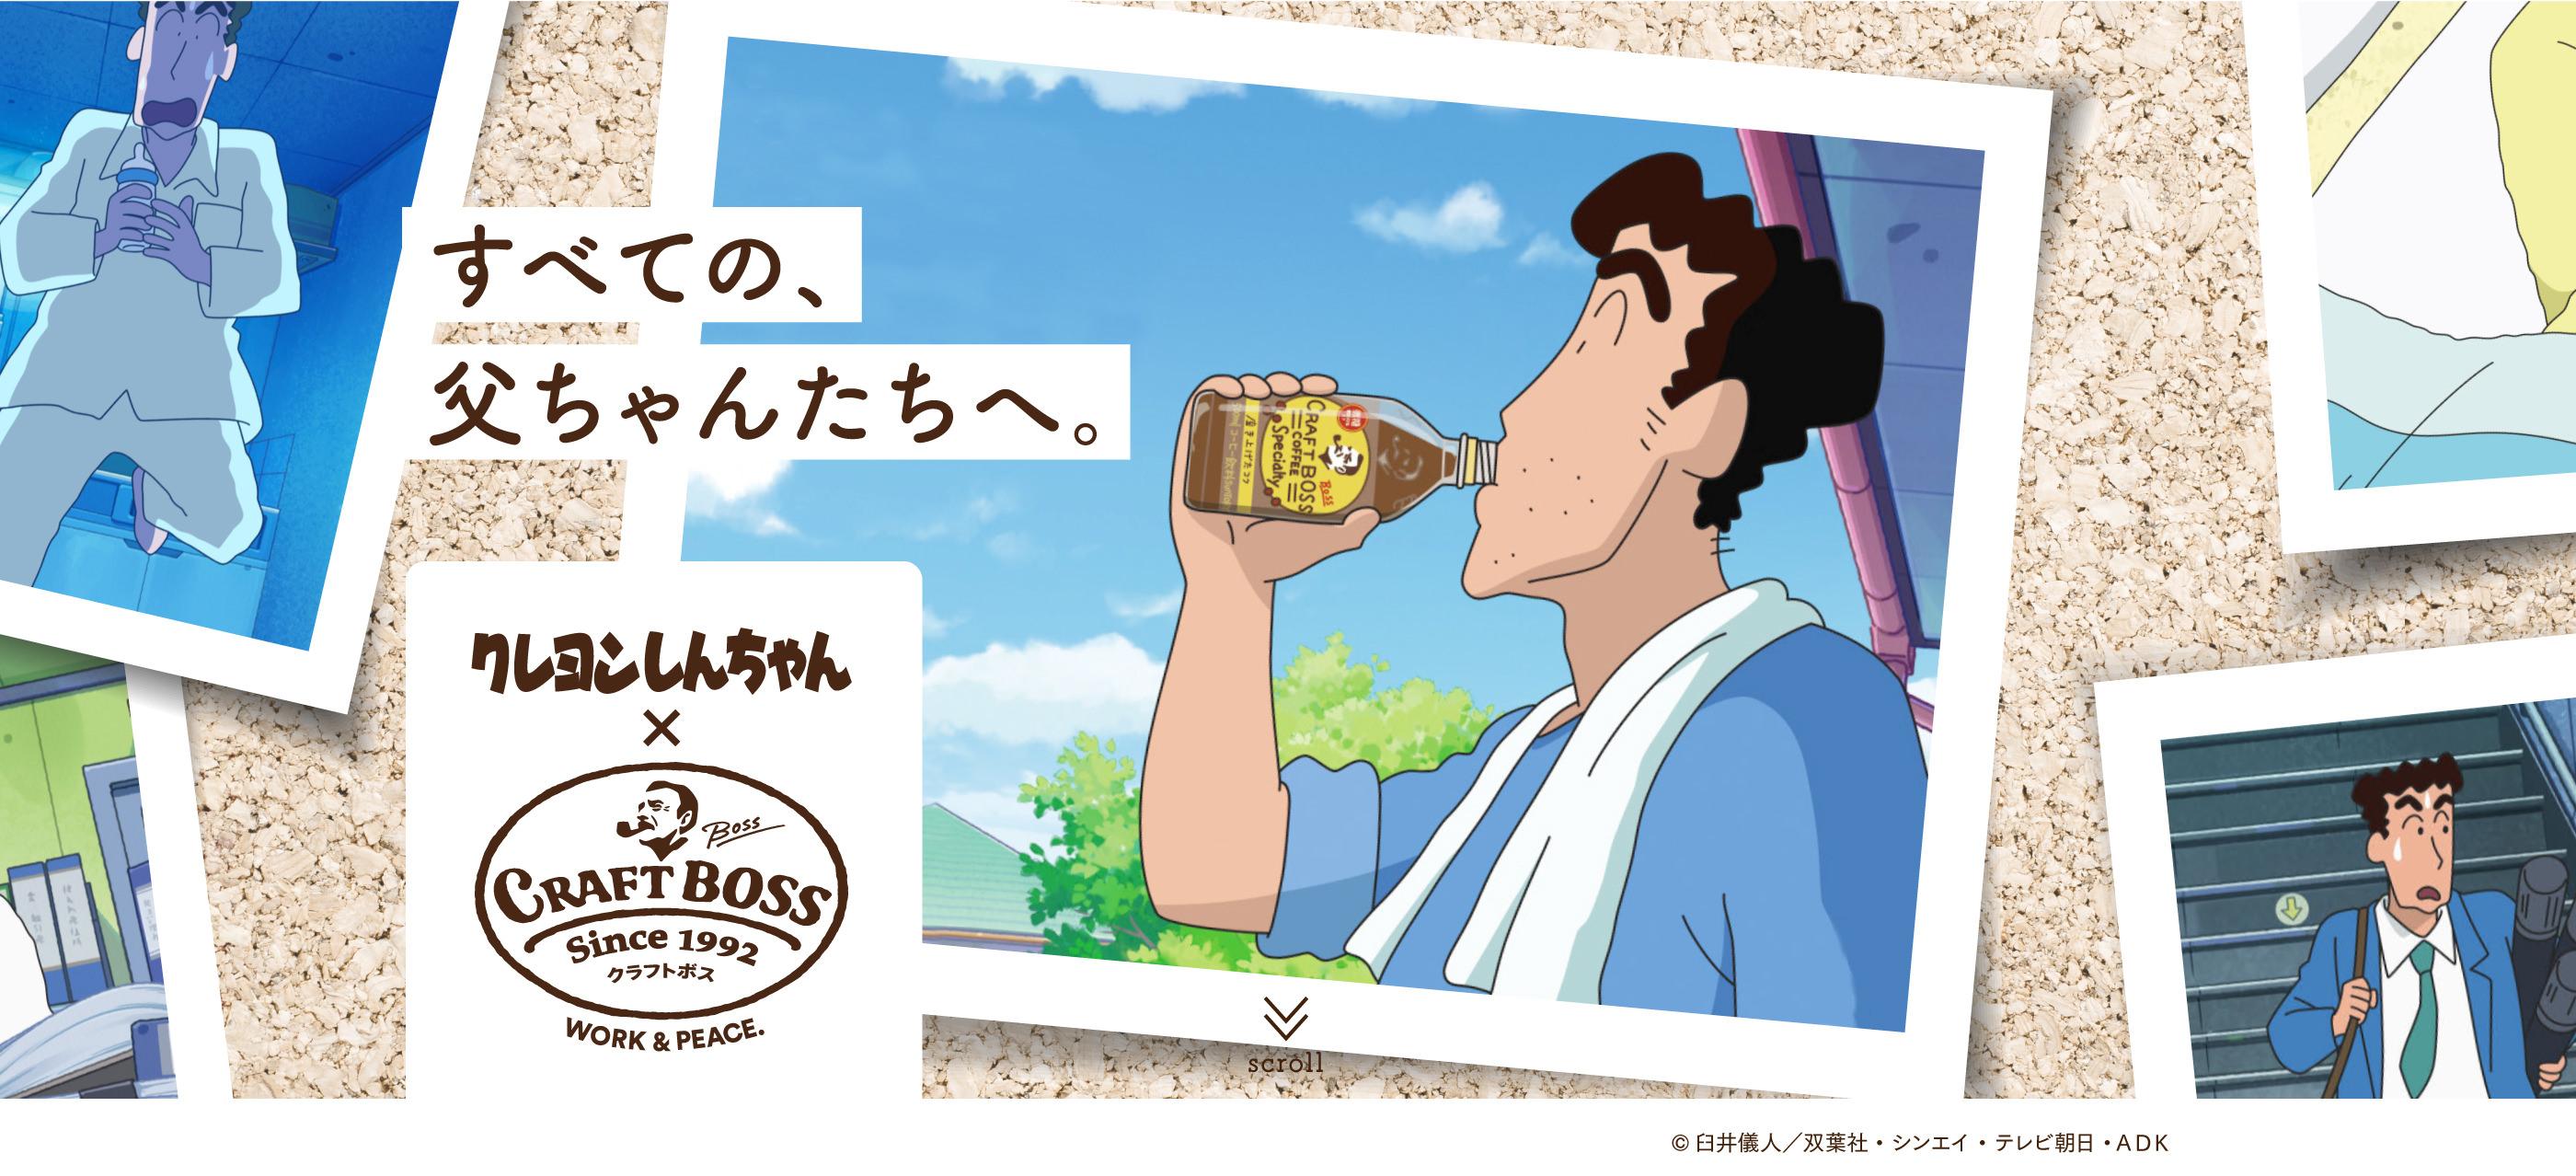 「クレヨンしんちゃん×クラフトボス」WEB限定オリジナル動画公開! 名作「ロボとーちゃん」監督・高橋渉さんが描く。 全国のとーちゃんに捧ぐ、野原家の5年間。